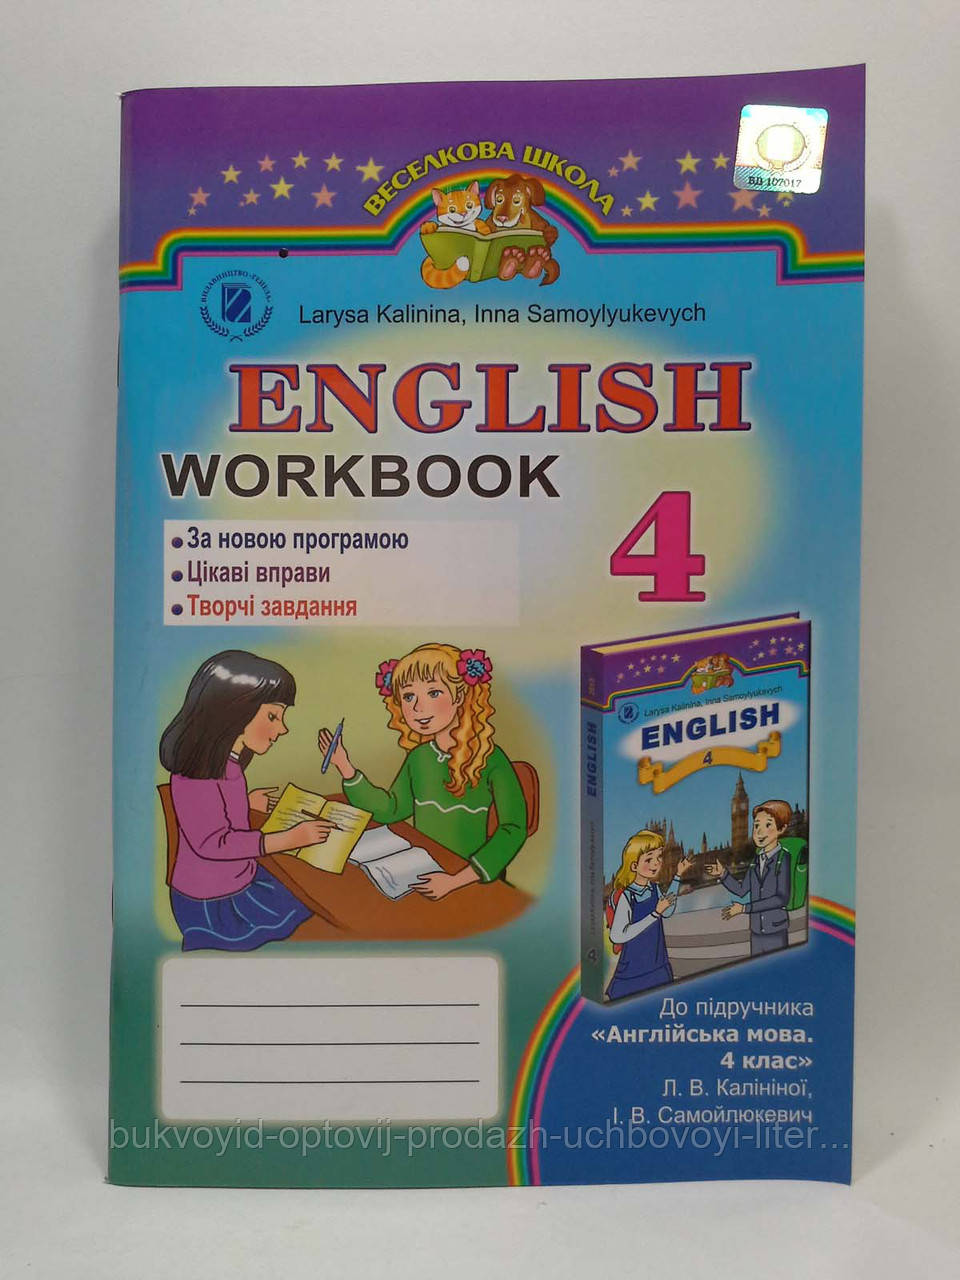 Робочий зошит Англійська мова 4 клас Калініна Генеза